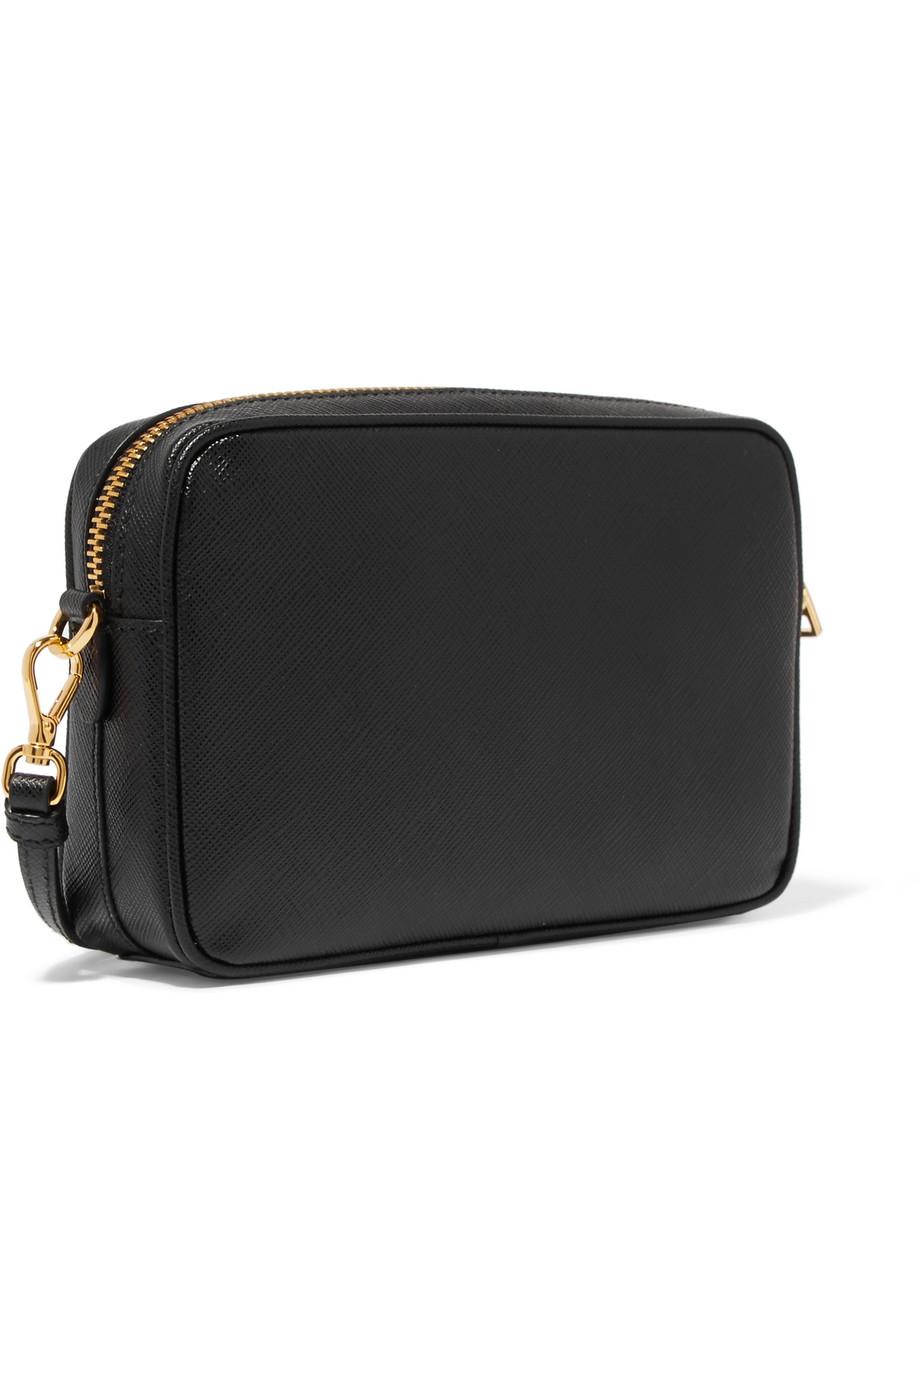 55e0523b5 Prada Saffiano Leather Crossbody Camera Bag — Evelyn M. Atelier